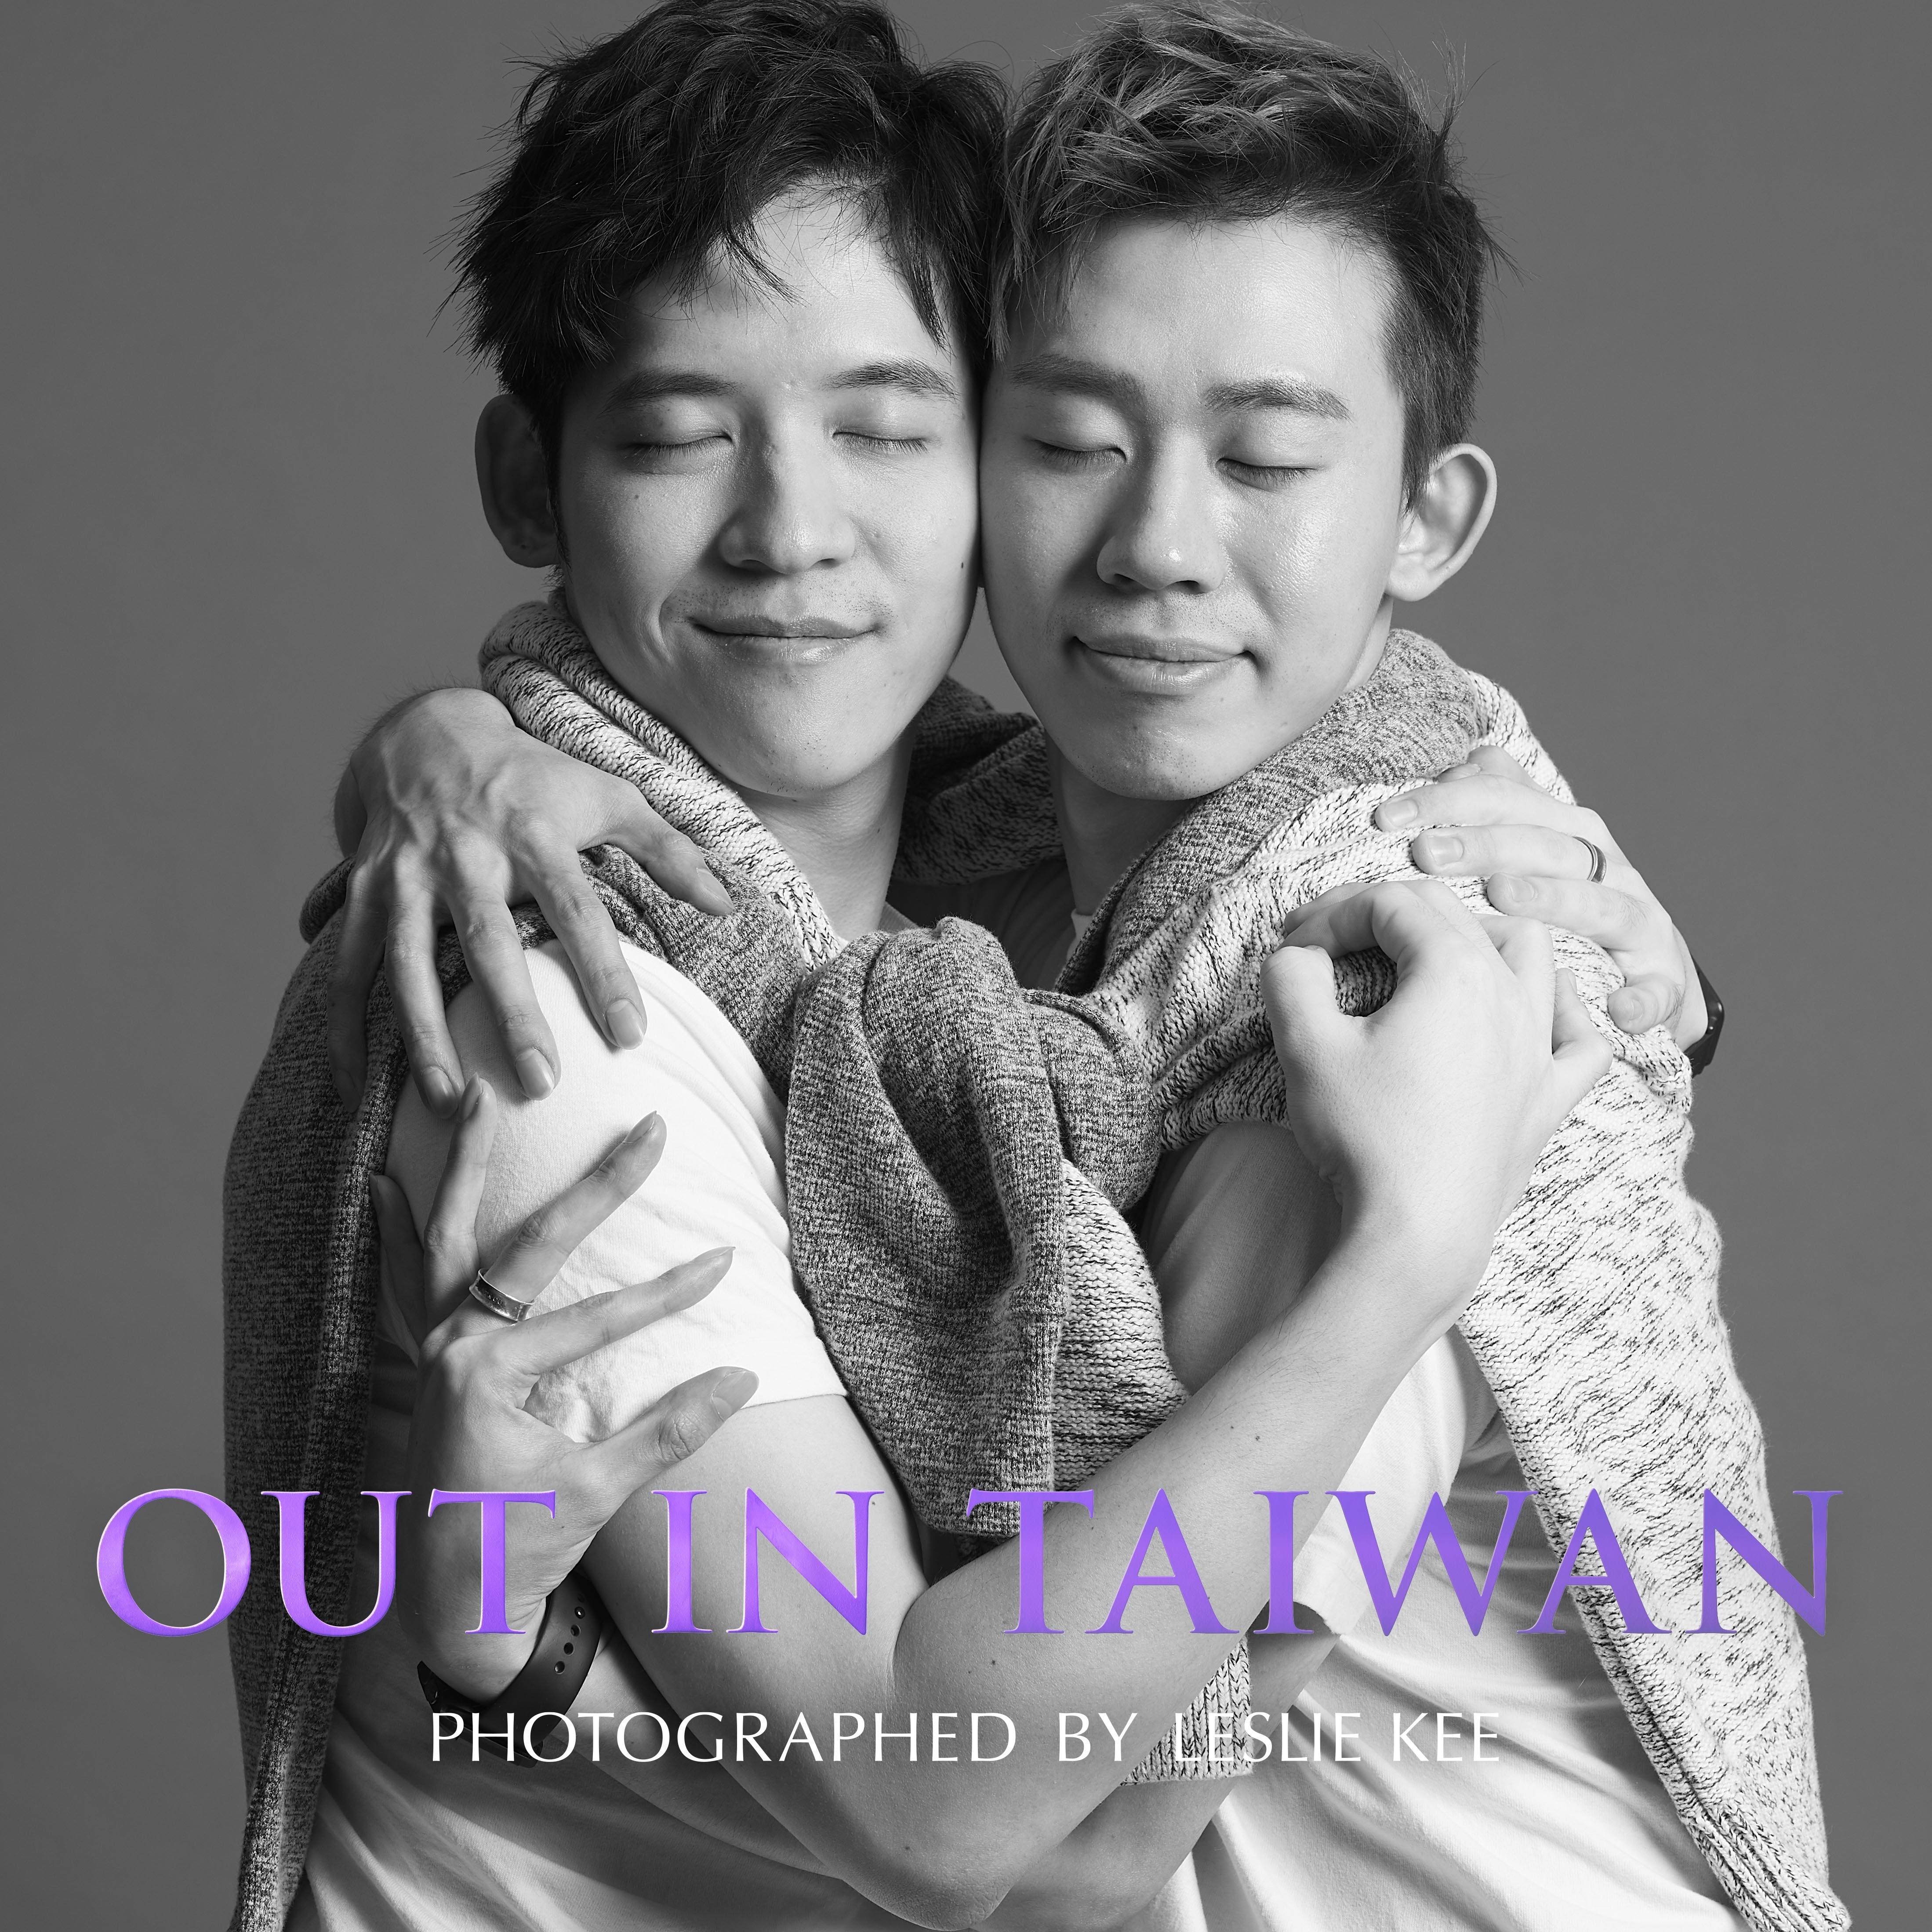 #outintaiwan